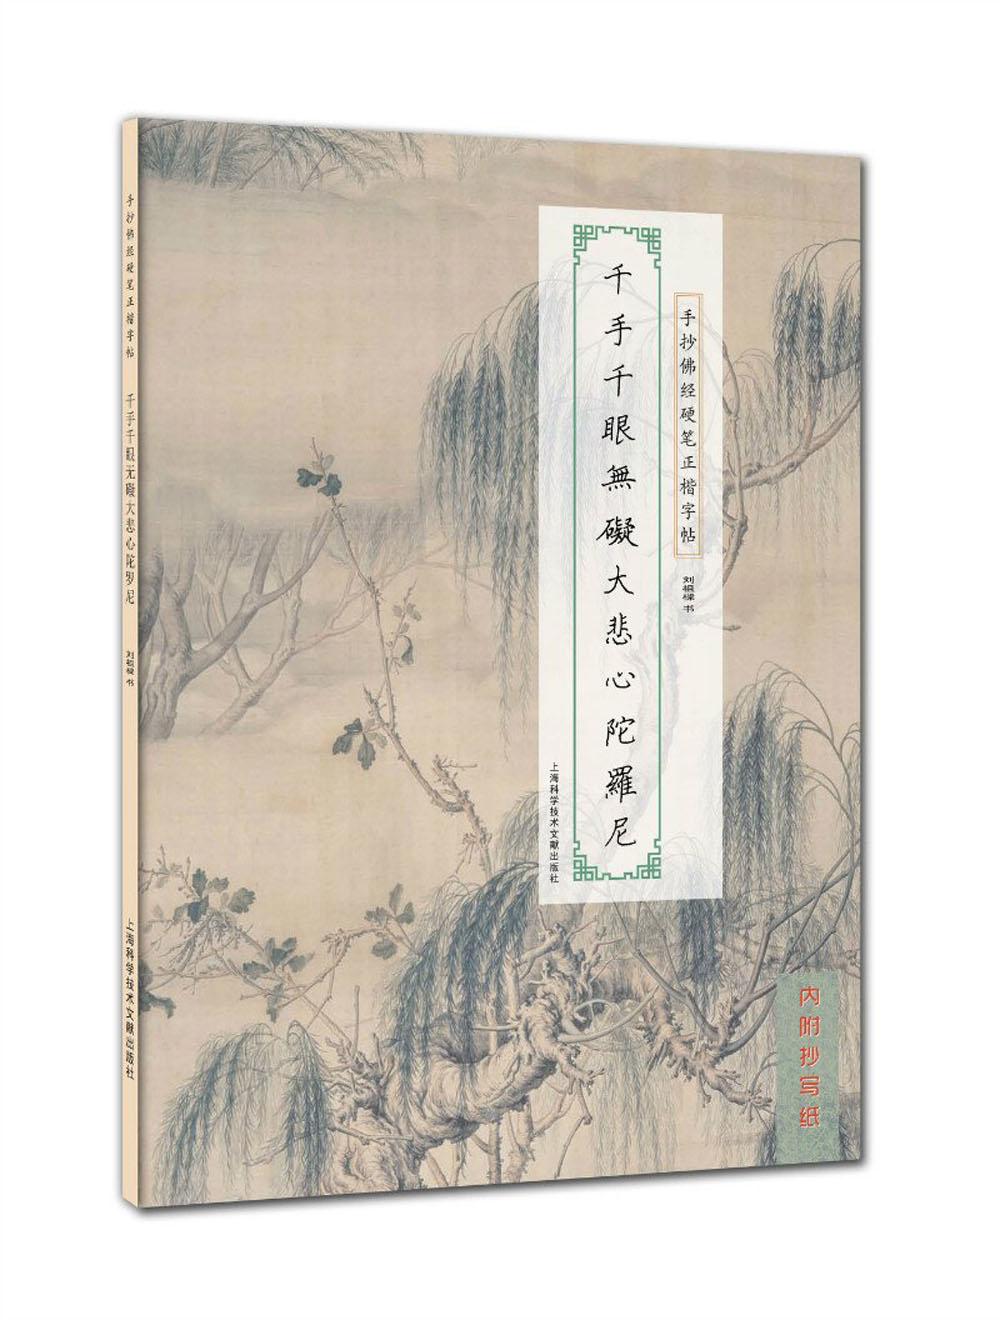 The Handwritten Buddhist Scriptures In Pen Copybook Series : Qian Shou Wu Yan Da Ning Da Bi Xin An Luo Ning